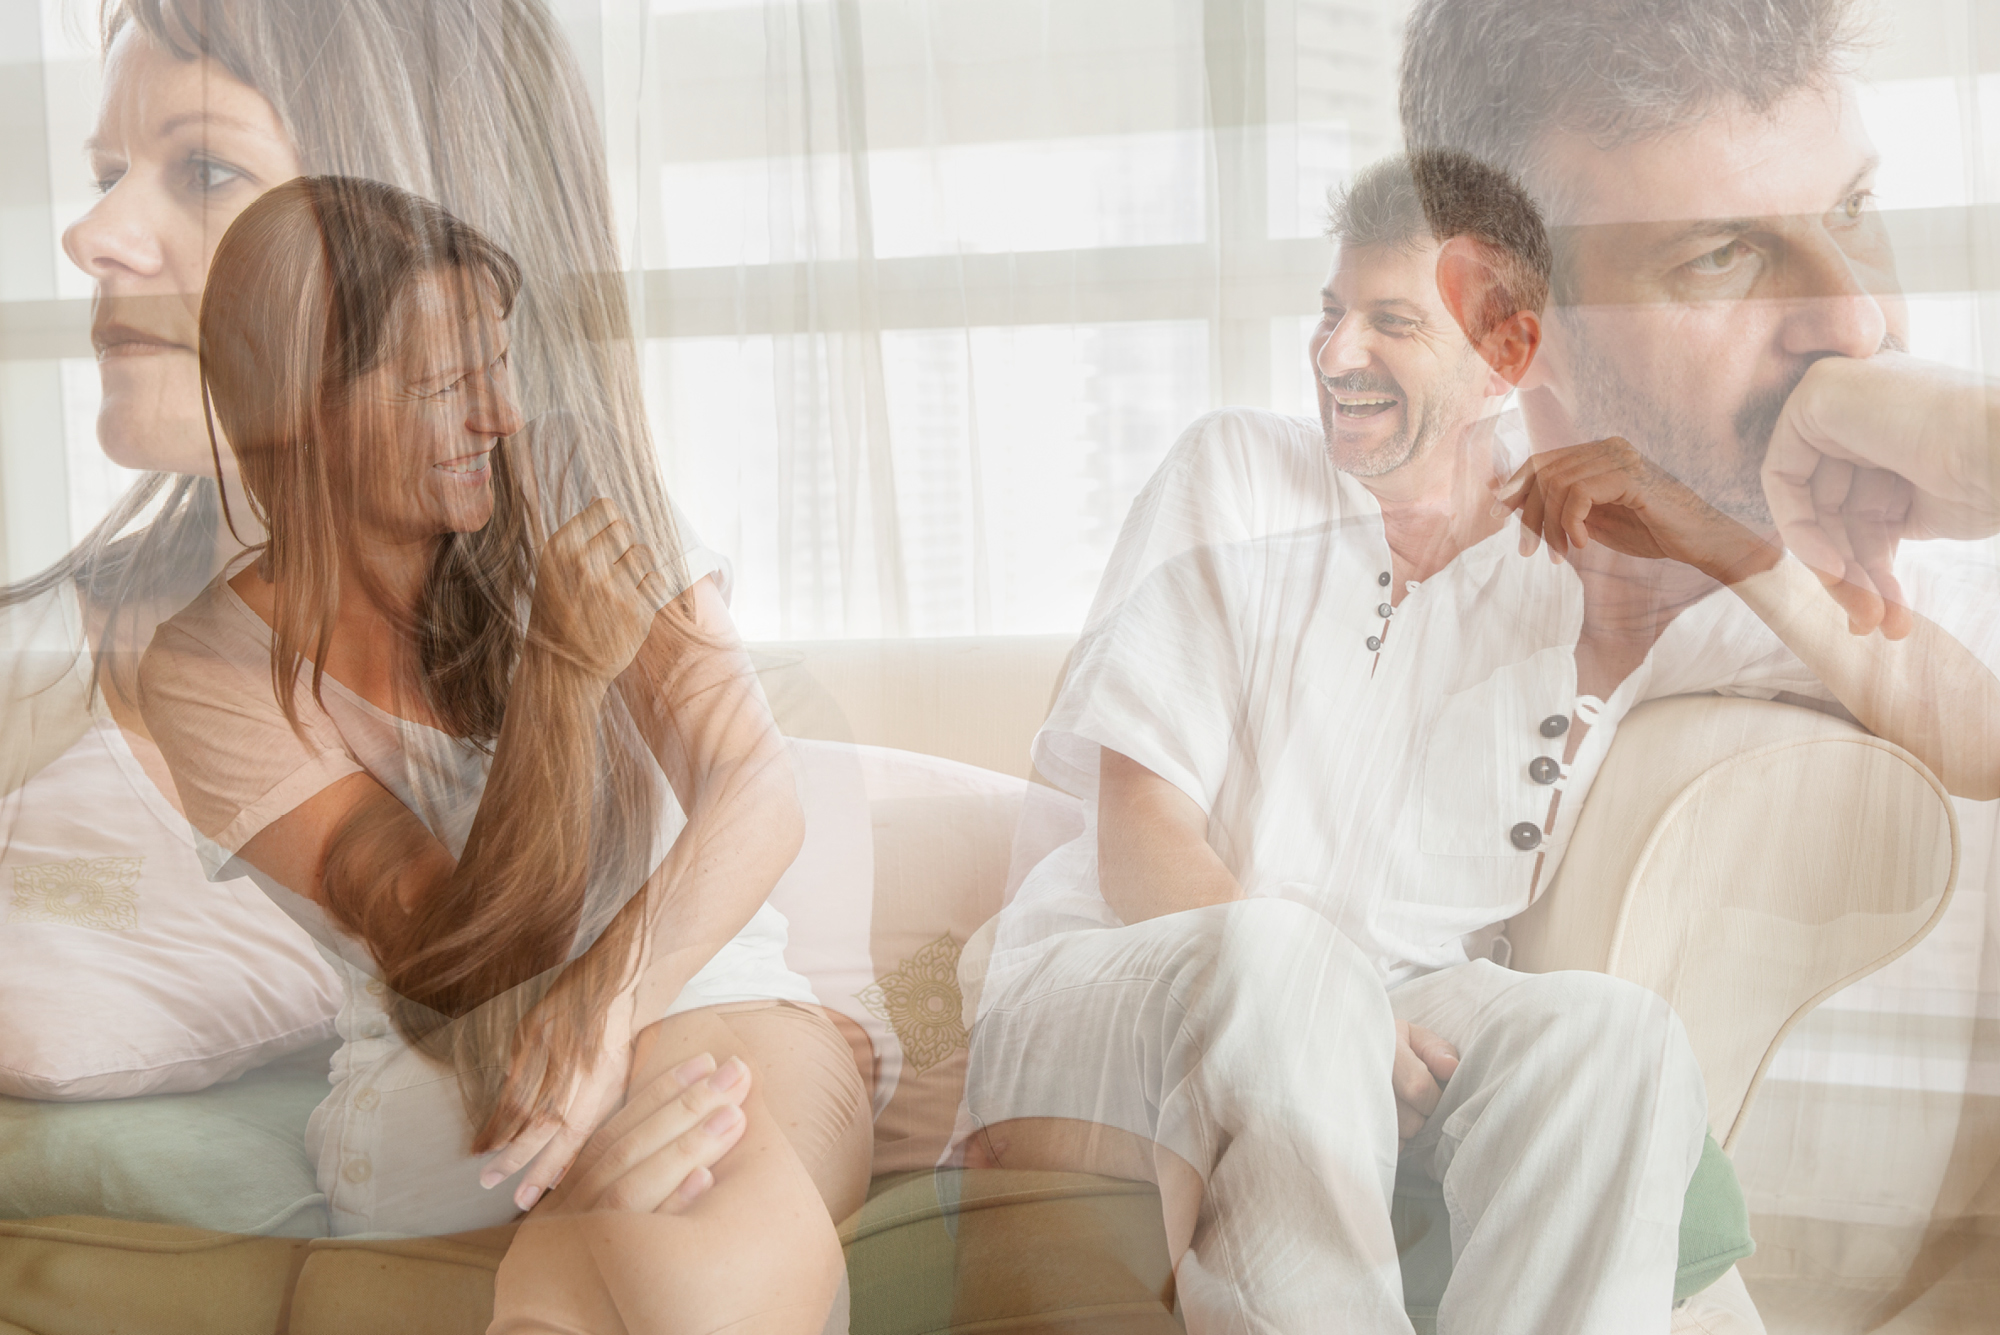 Das Traumabonding: Menschen berühren sich als Paar an ihren tiefsten Verletzungen.